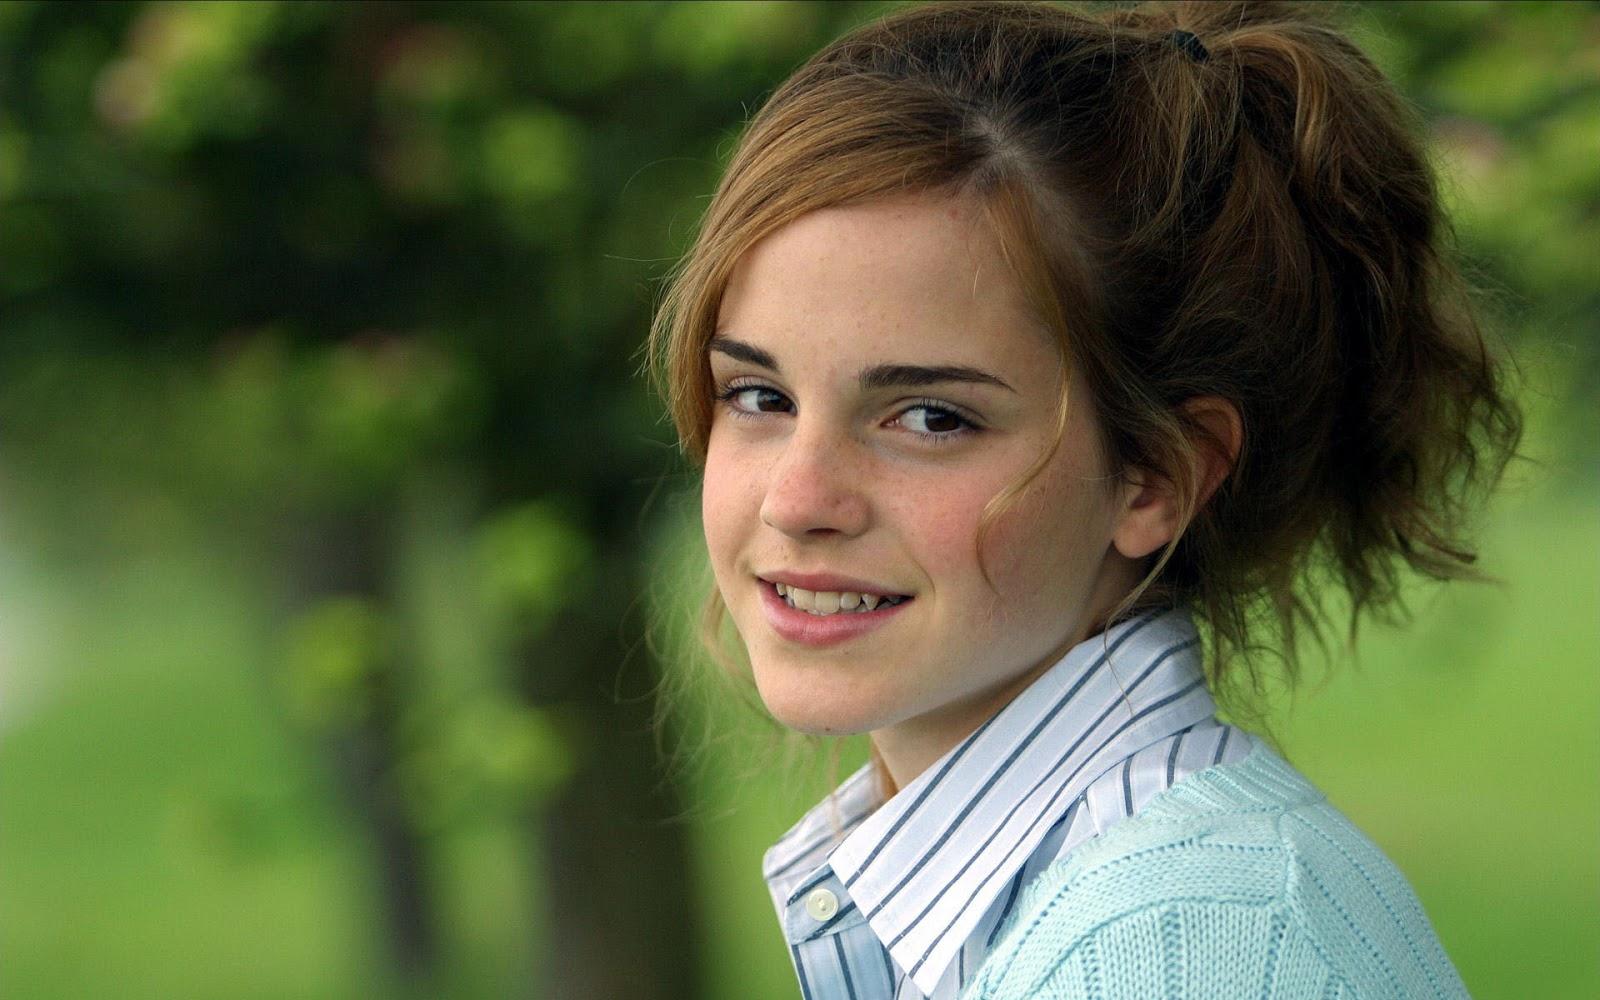 Emma Watson Formal Wallpaper HD